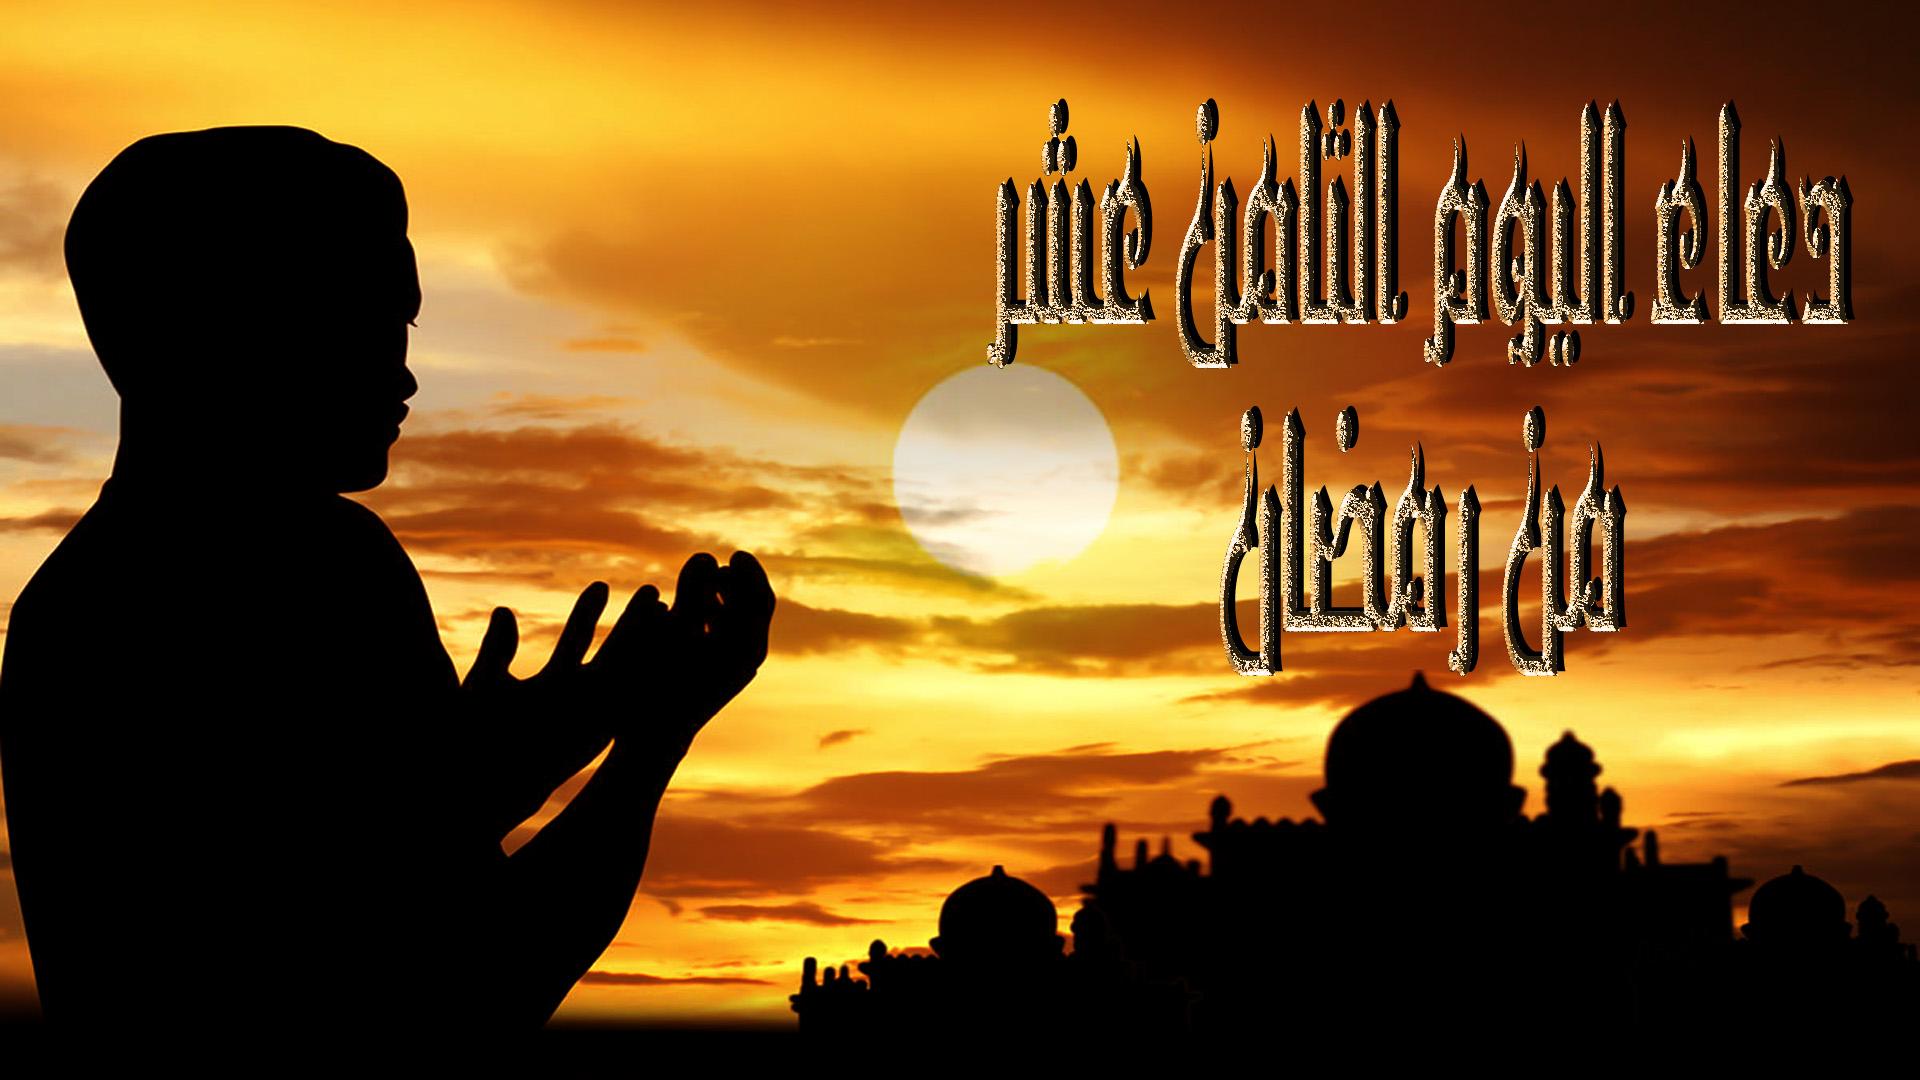 أدعية أيام شهر رمضان ( دعاء اليوم الثامن عشر )